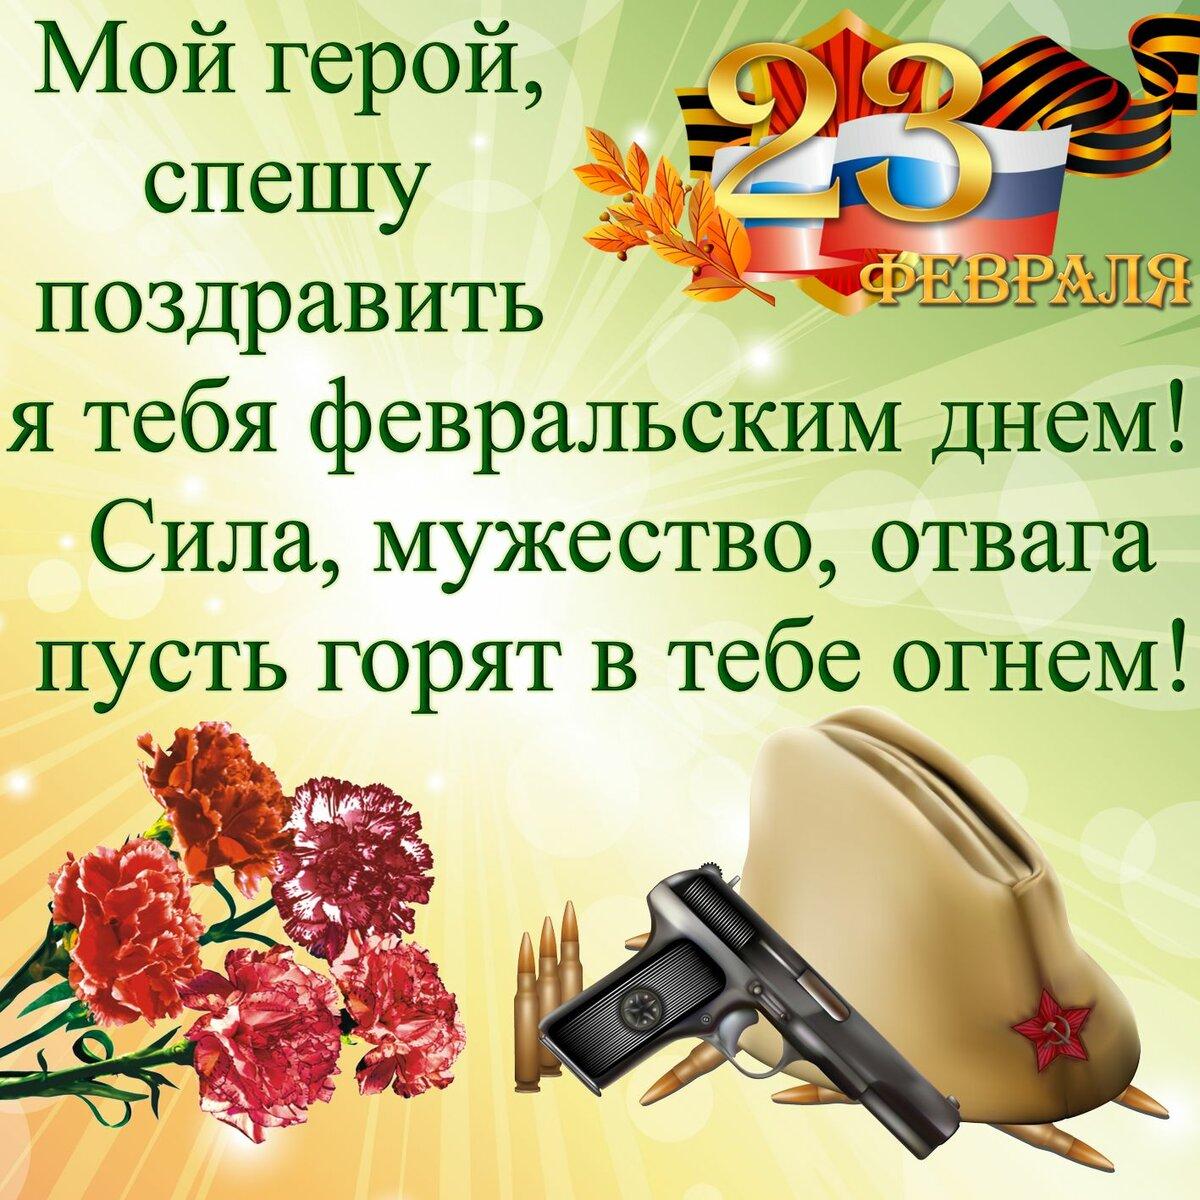 Работников рекламы, с 23 февраля любимый картинки брату